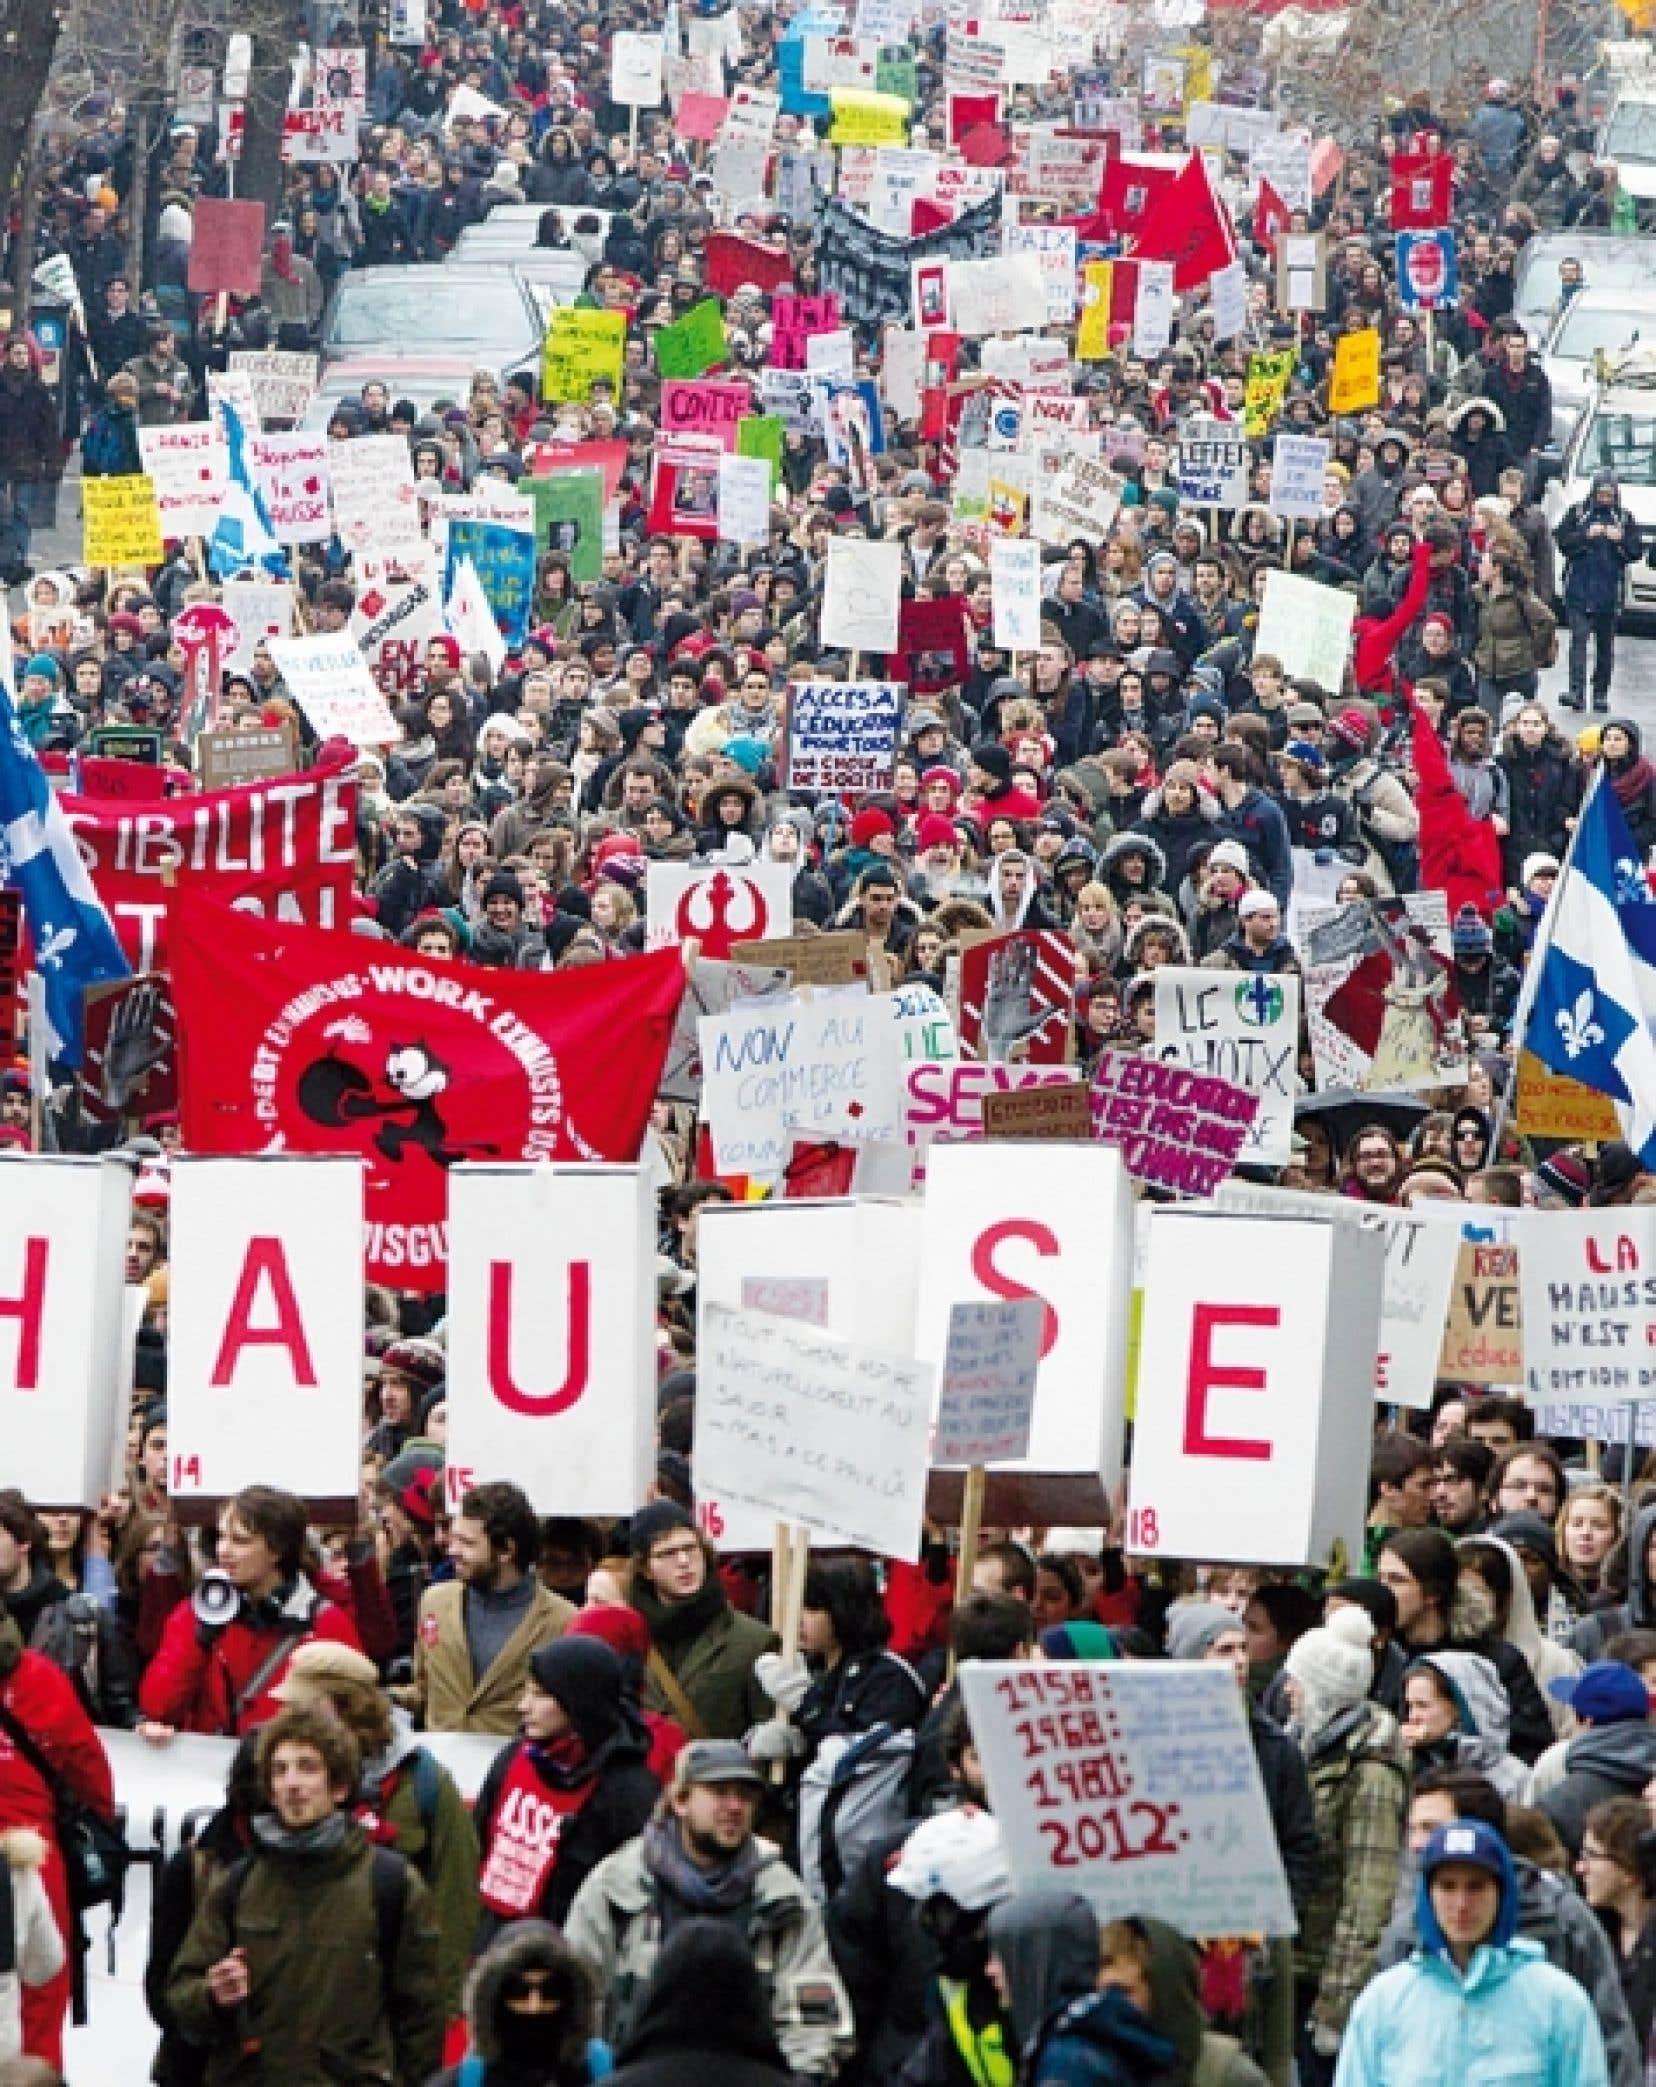 Les &eacute;tudiants ont manifest&eacute; par milliers dans les rues de la m&eacute;tropole la semaine derni&egrave;re.<br />